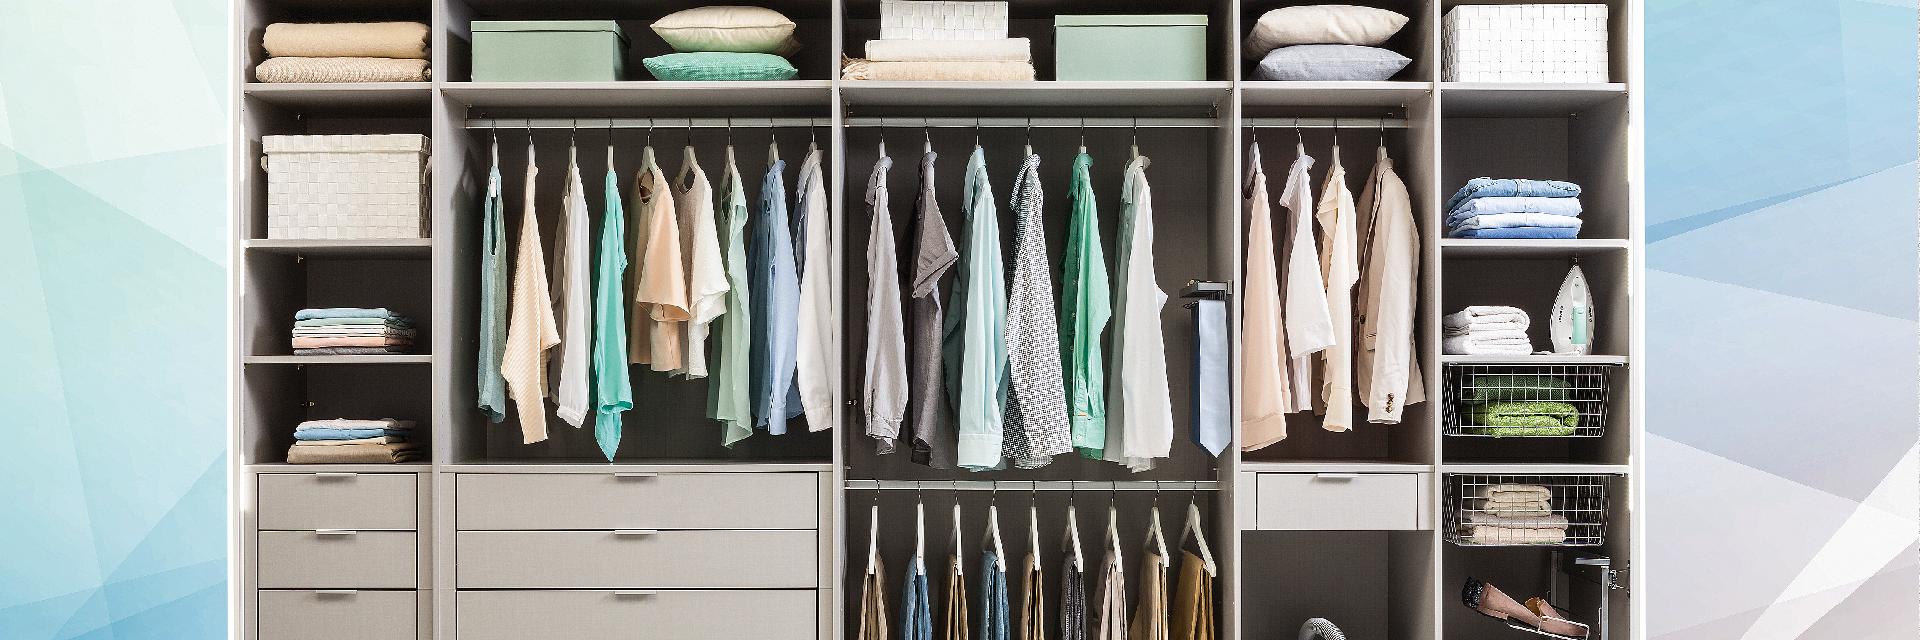 Ordnung im Schrank – 10 Tipps, die helfen